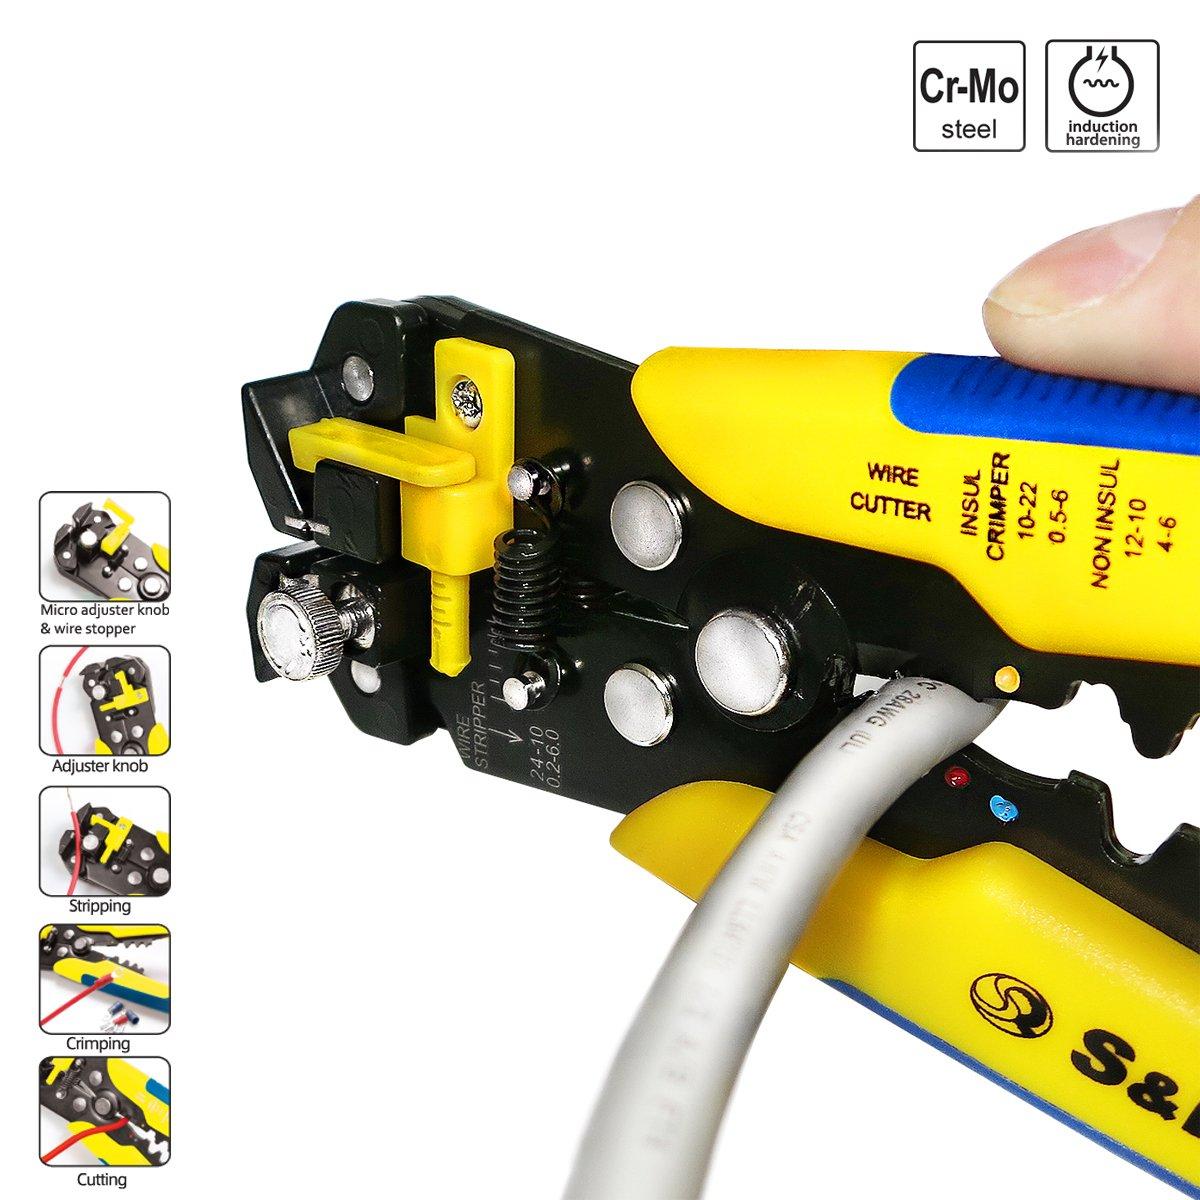 S/&R Pince /à D/énuder Automatique//Pince /à Sertir//Cutter Auto-r/églable//Pince Automatique avec Reglage de Pr/écision Cables AWG